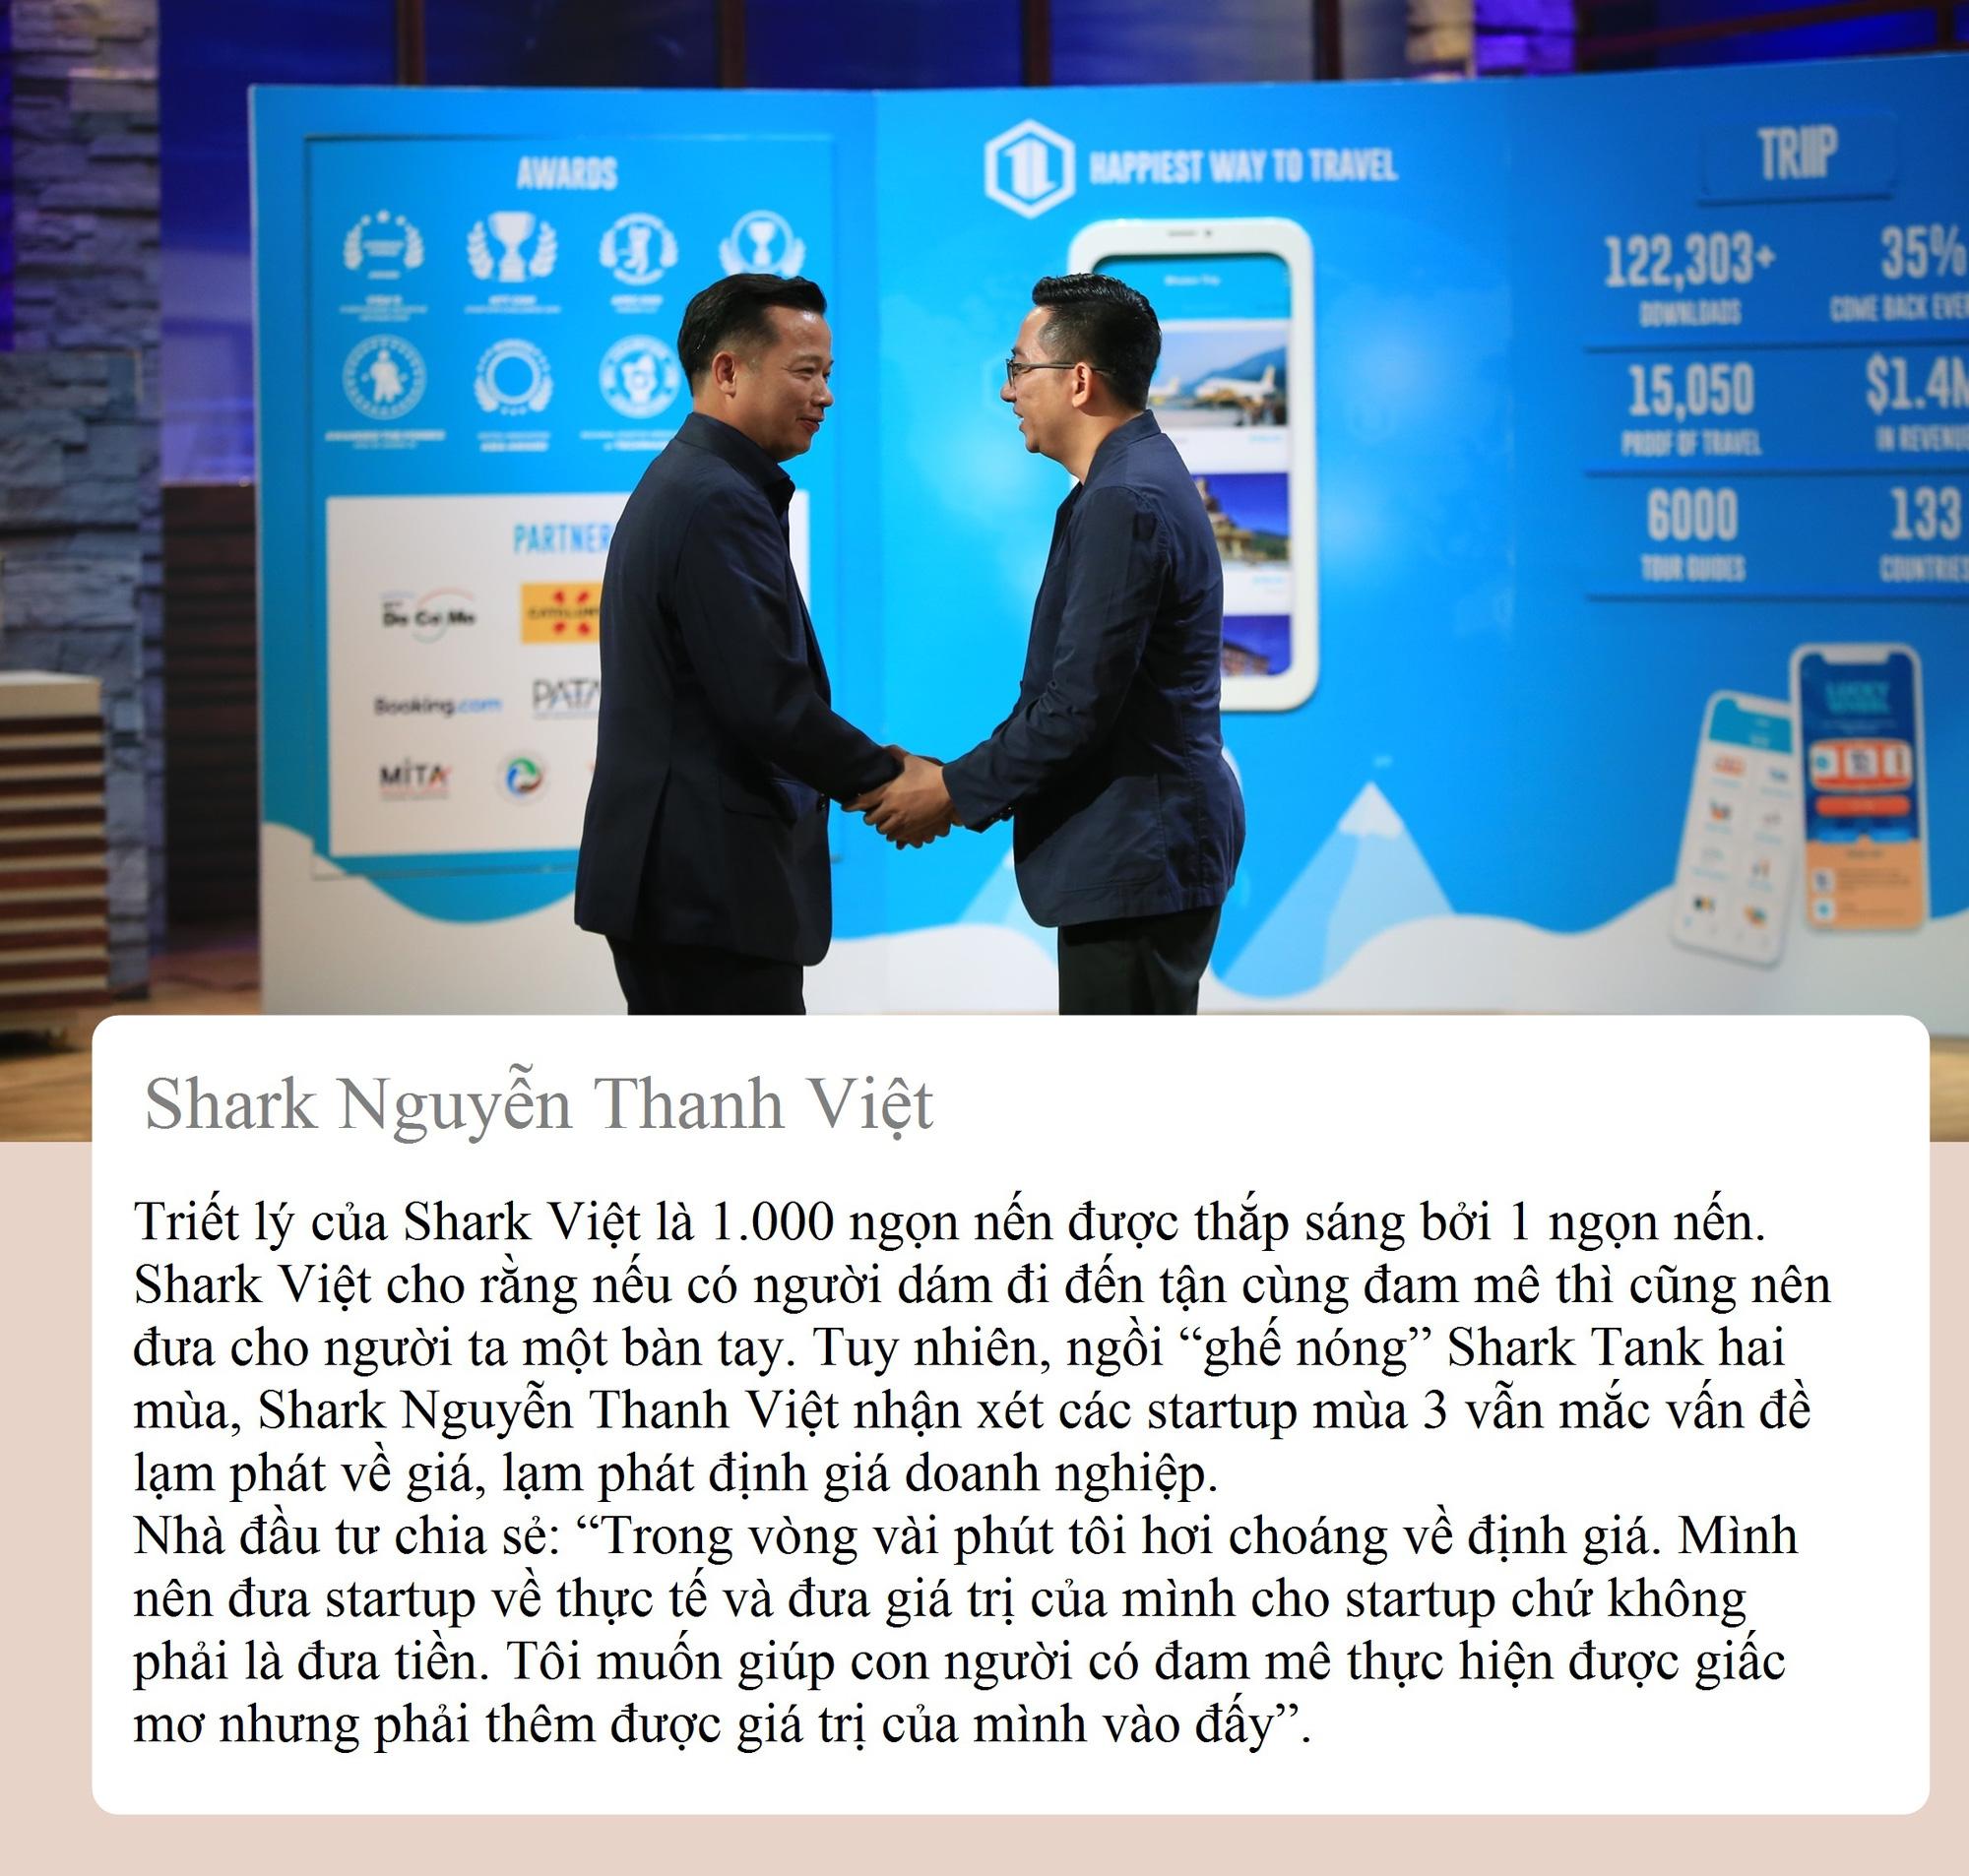 Shark Tank Việt Nam mùa 3 - Hành trình lan tỏa cảm hứng khởi nghiệp mạnh mẽ - Ảnh 7.